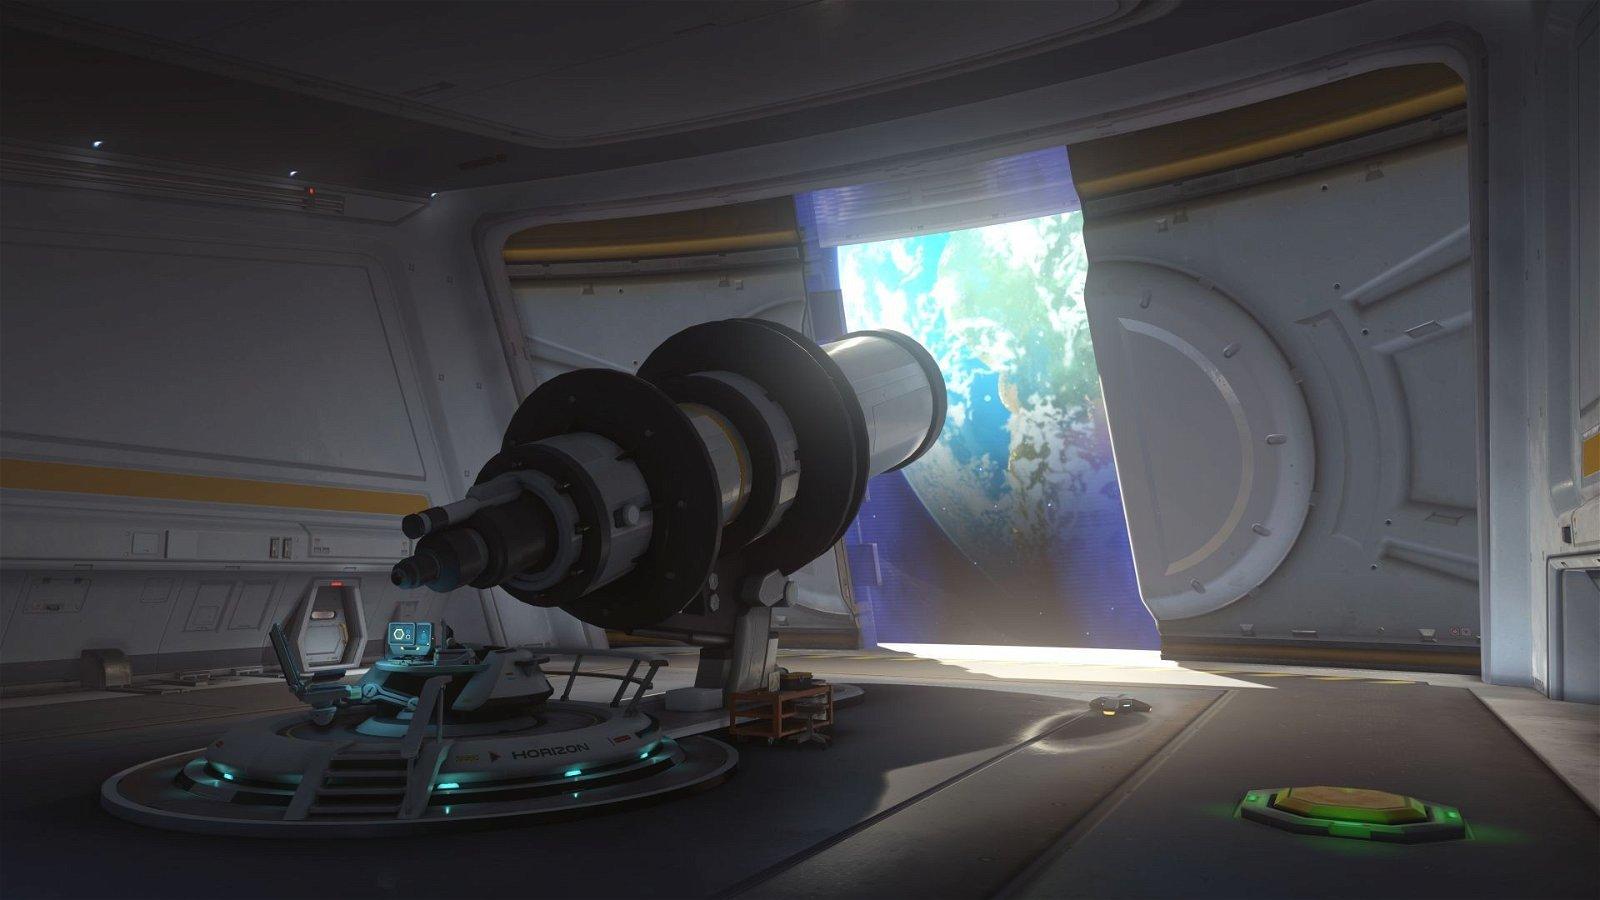 El nuevo mapa de Overwatch introducirá un objeto con muchos secretos que contar